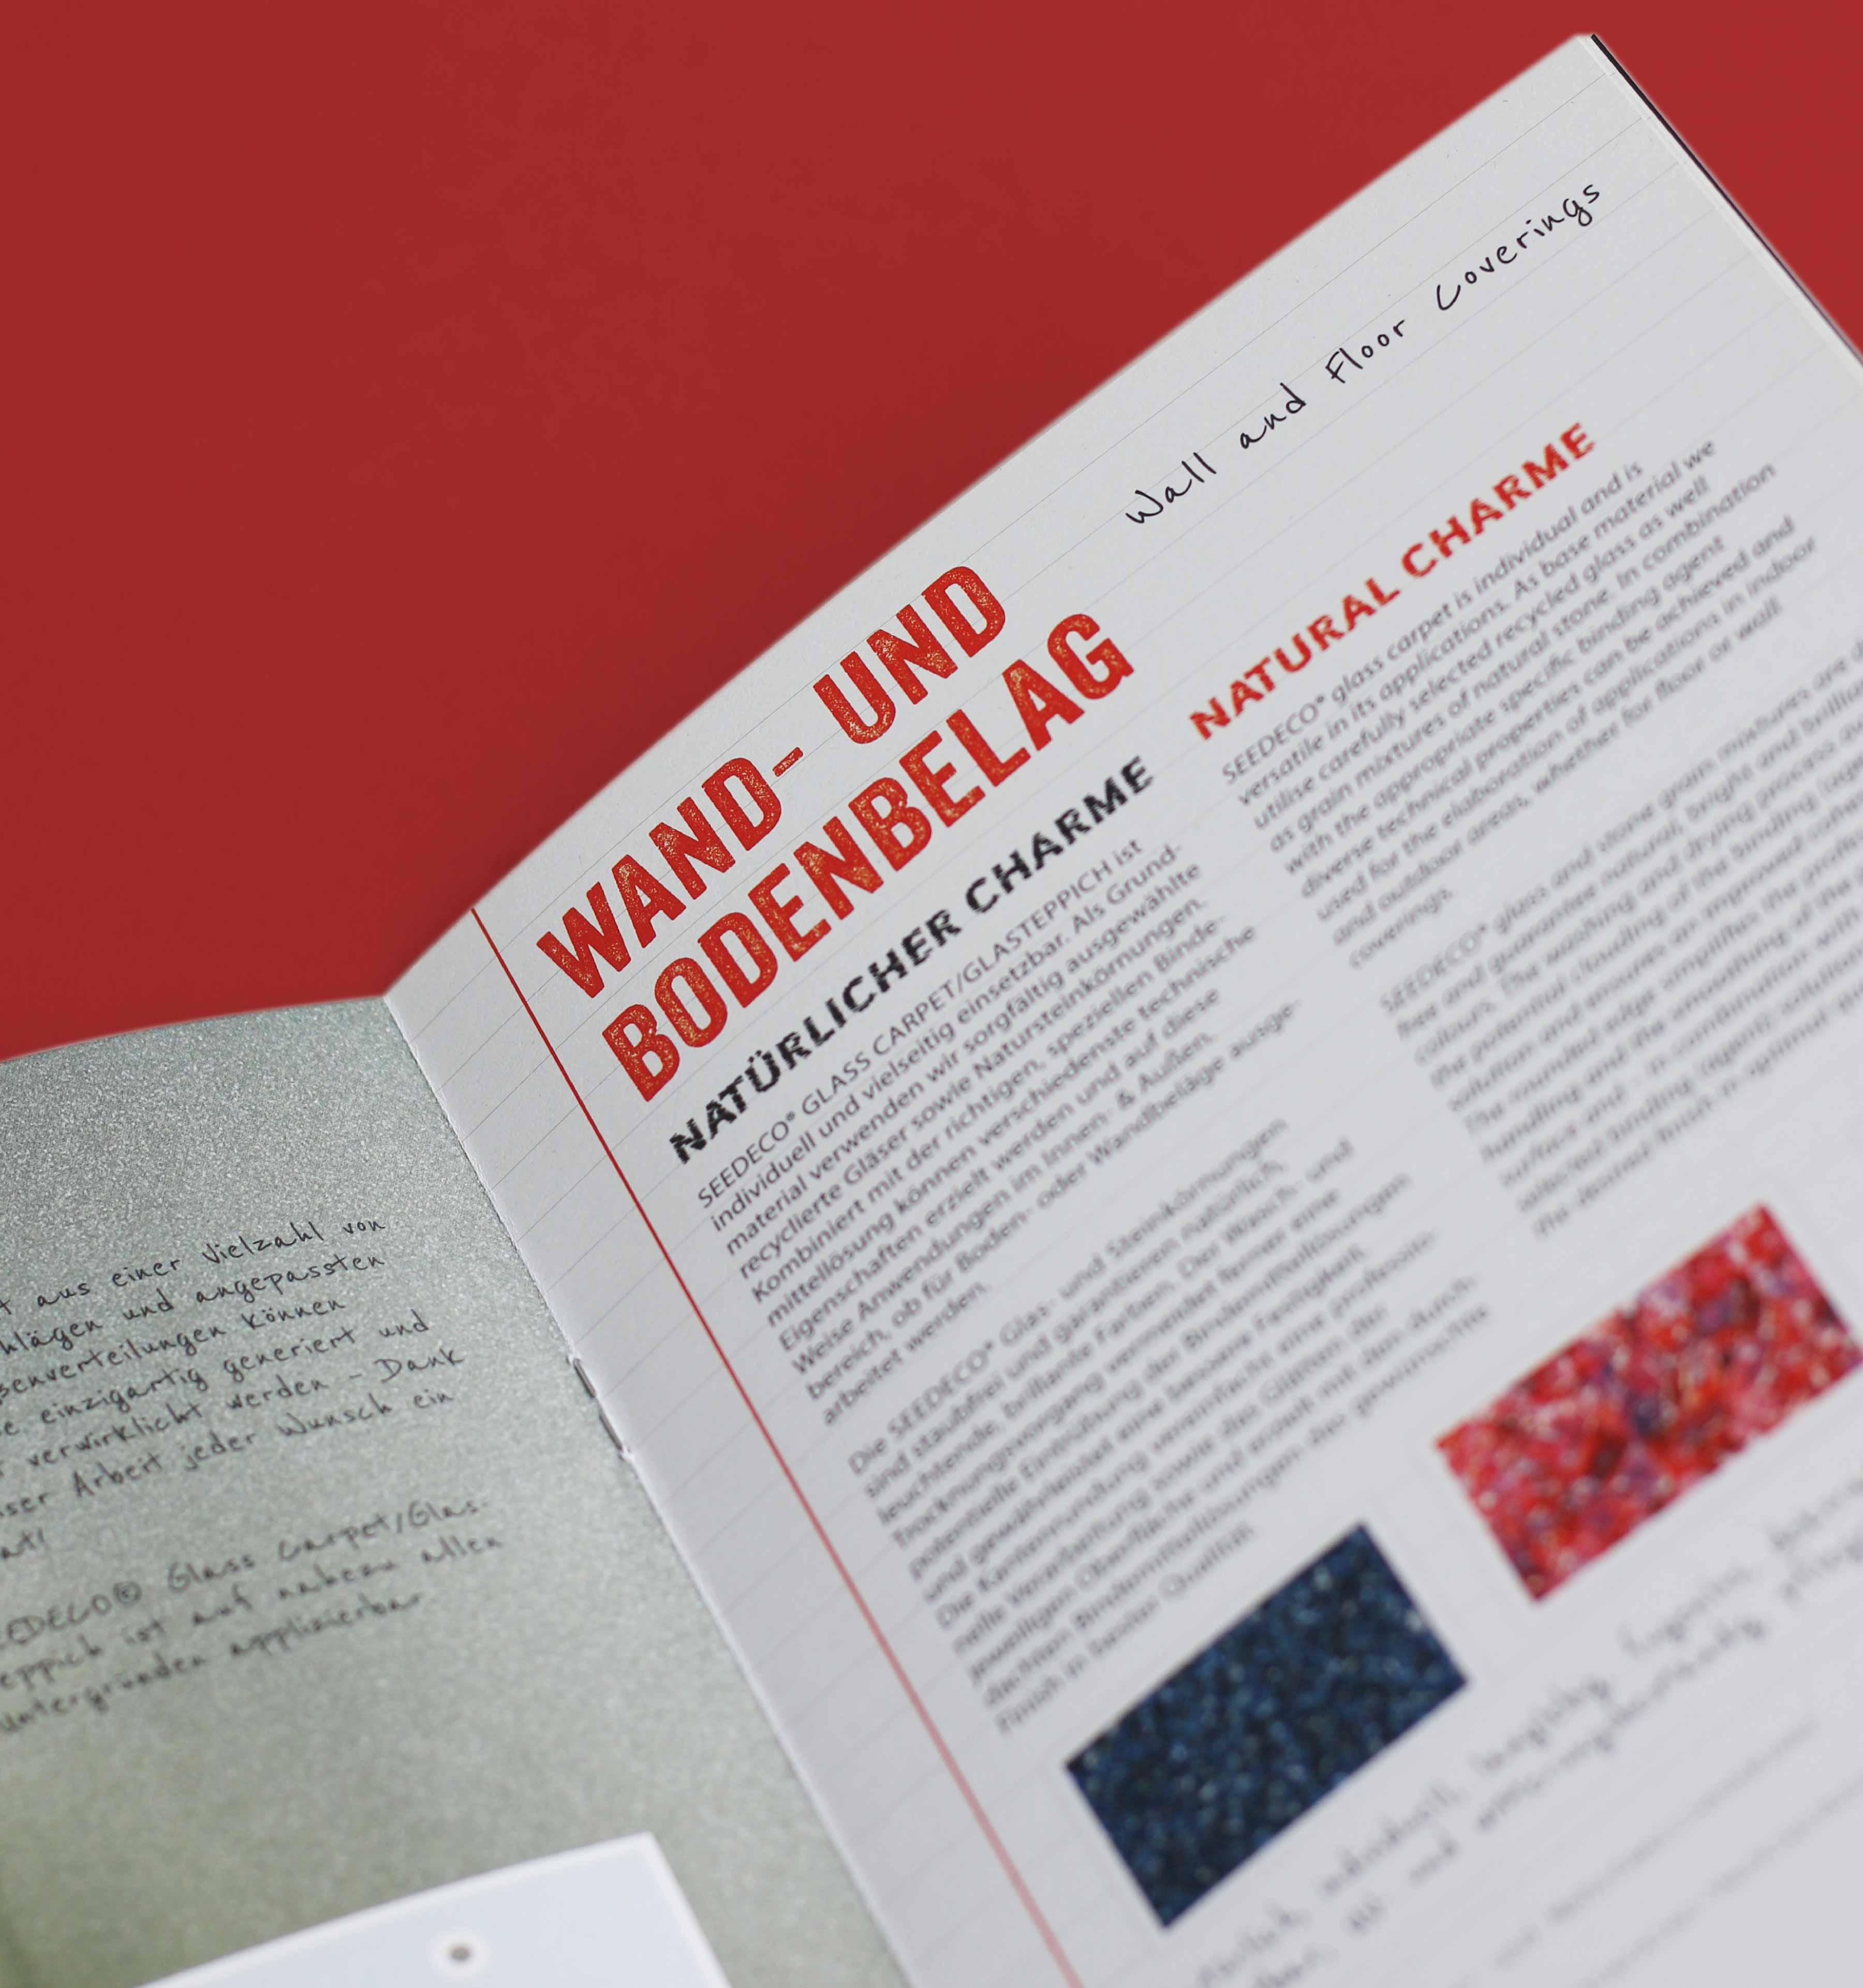 Produktkatalog Imagebroschüre Gestaltung Layout Design Seedeco